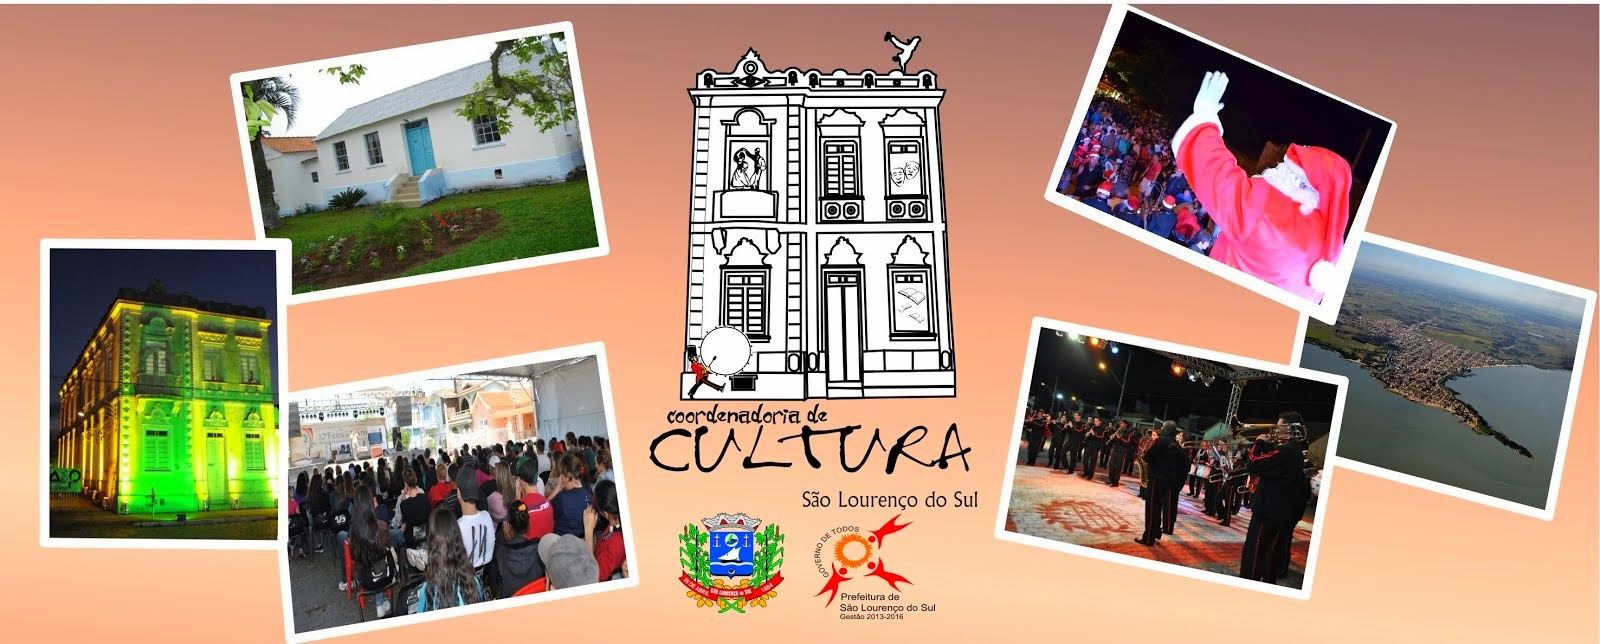 Cultura de São Lourenço do Sul